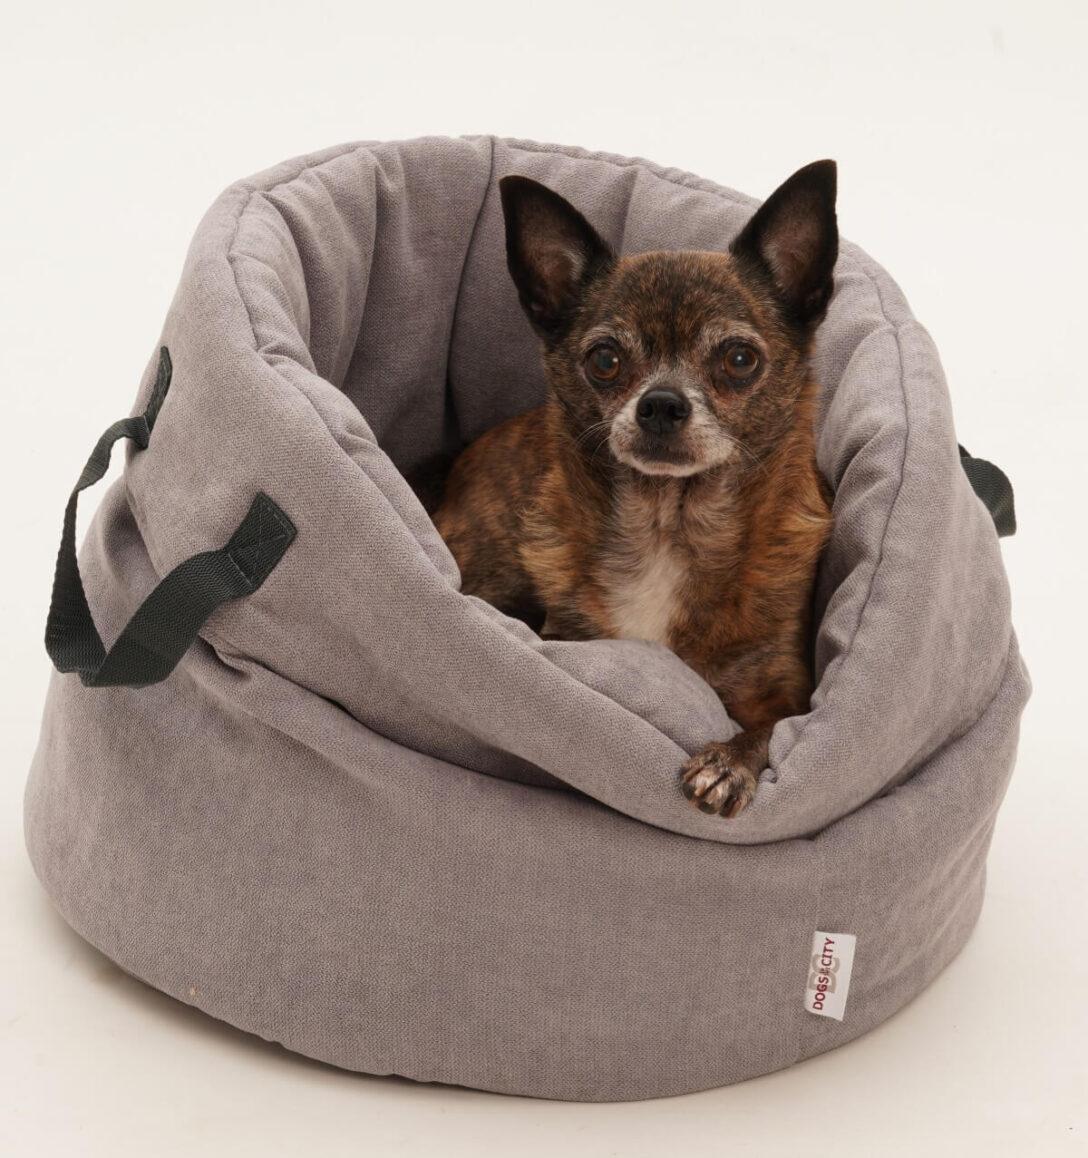 Large Size of Dogs In The City Hundekorb Shopper Little Basket Grau Regal Tiefe 30 Cm 50 Breit 20 Tief 40 Sofa Sitzhöhe 55 25 60 80 Hoch Bett Liegehöhe 120 Wohnzimmer Hundebett Flocke 125 Cm